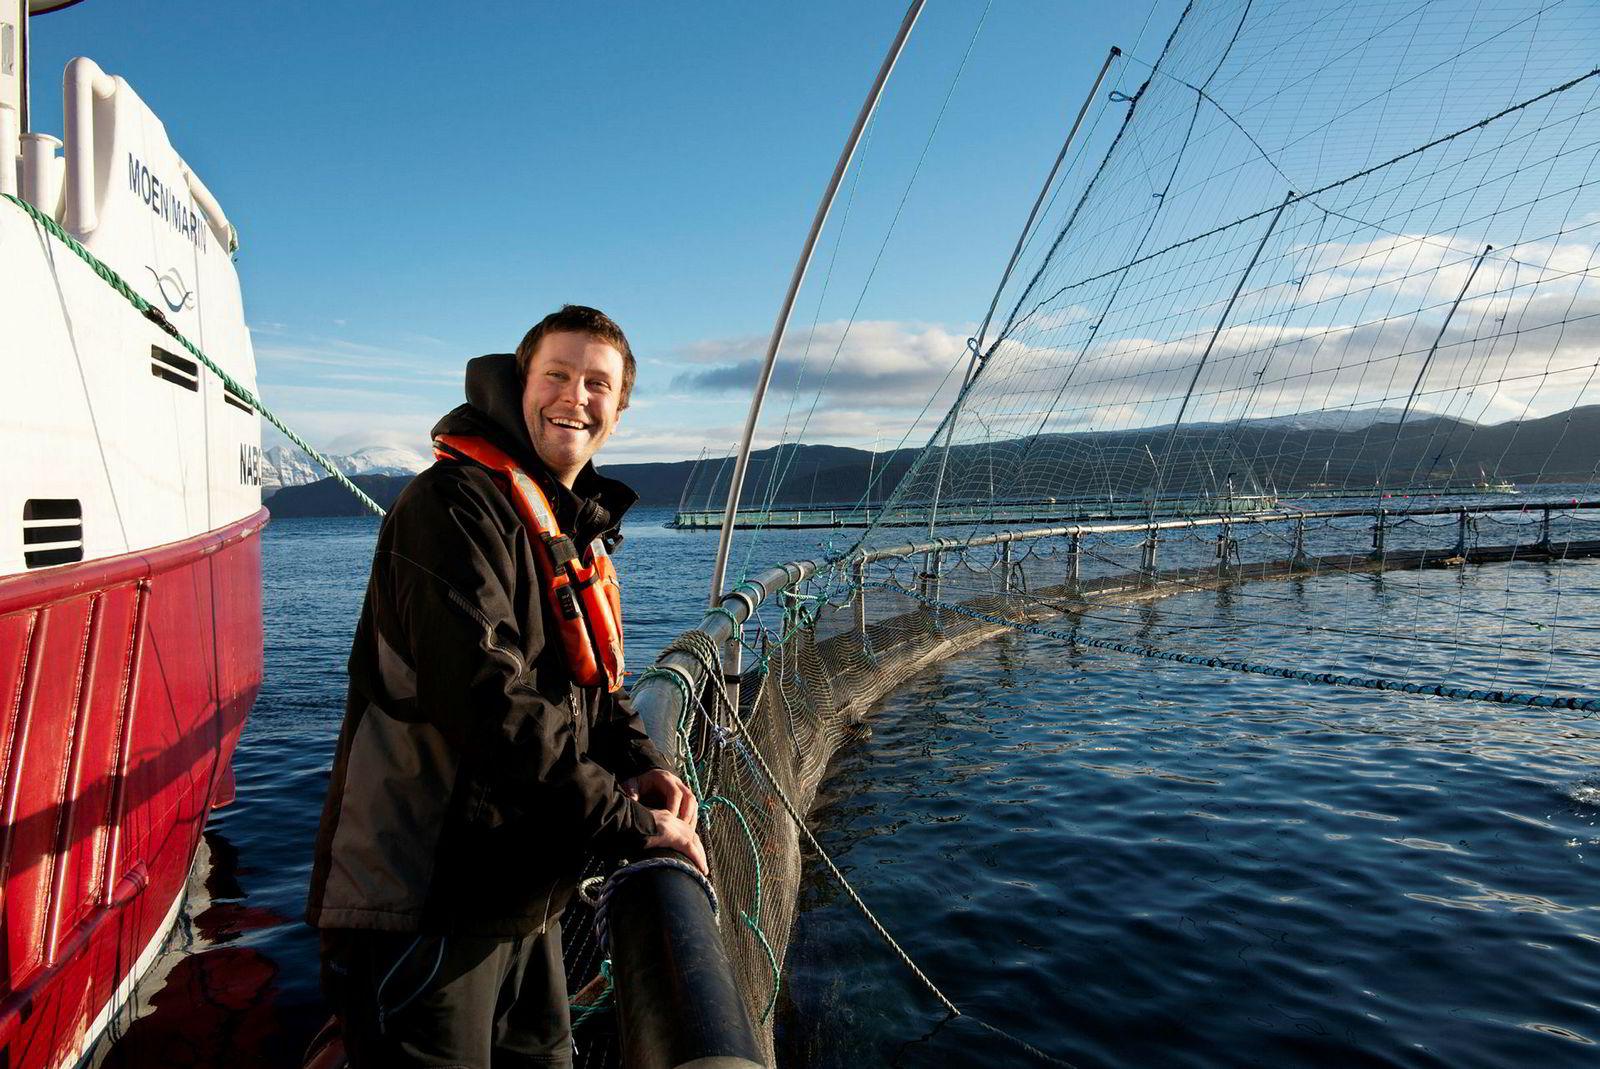 Daglig leder Daniel Jensen i servicerederiet NCS står på en oppdrettsmerd i Gisundet på innsiden av øya Senja i Troms. Selskapet hans tidoblet omsetningen på å levere tjenester til havbruksnæringen.